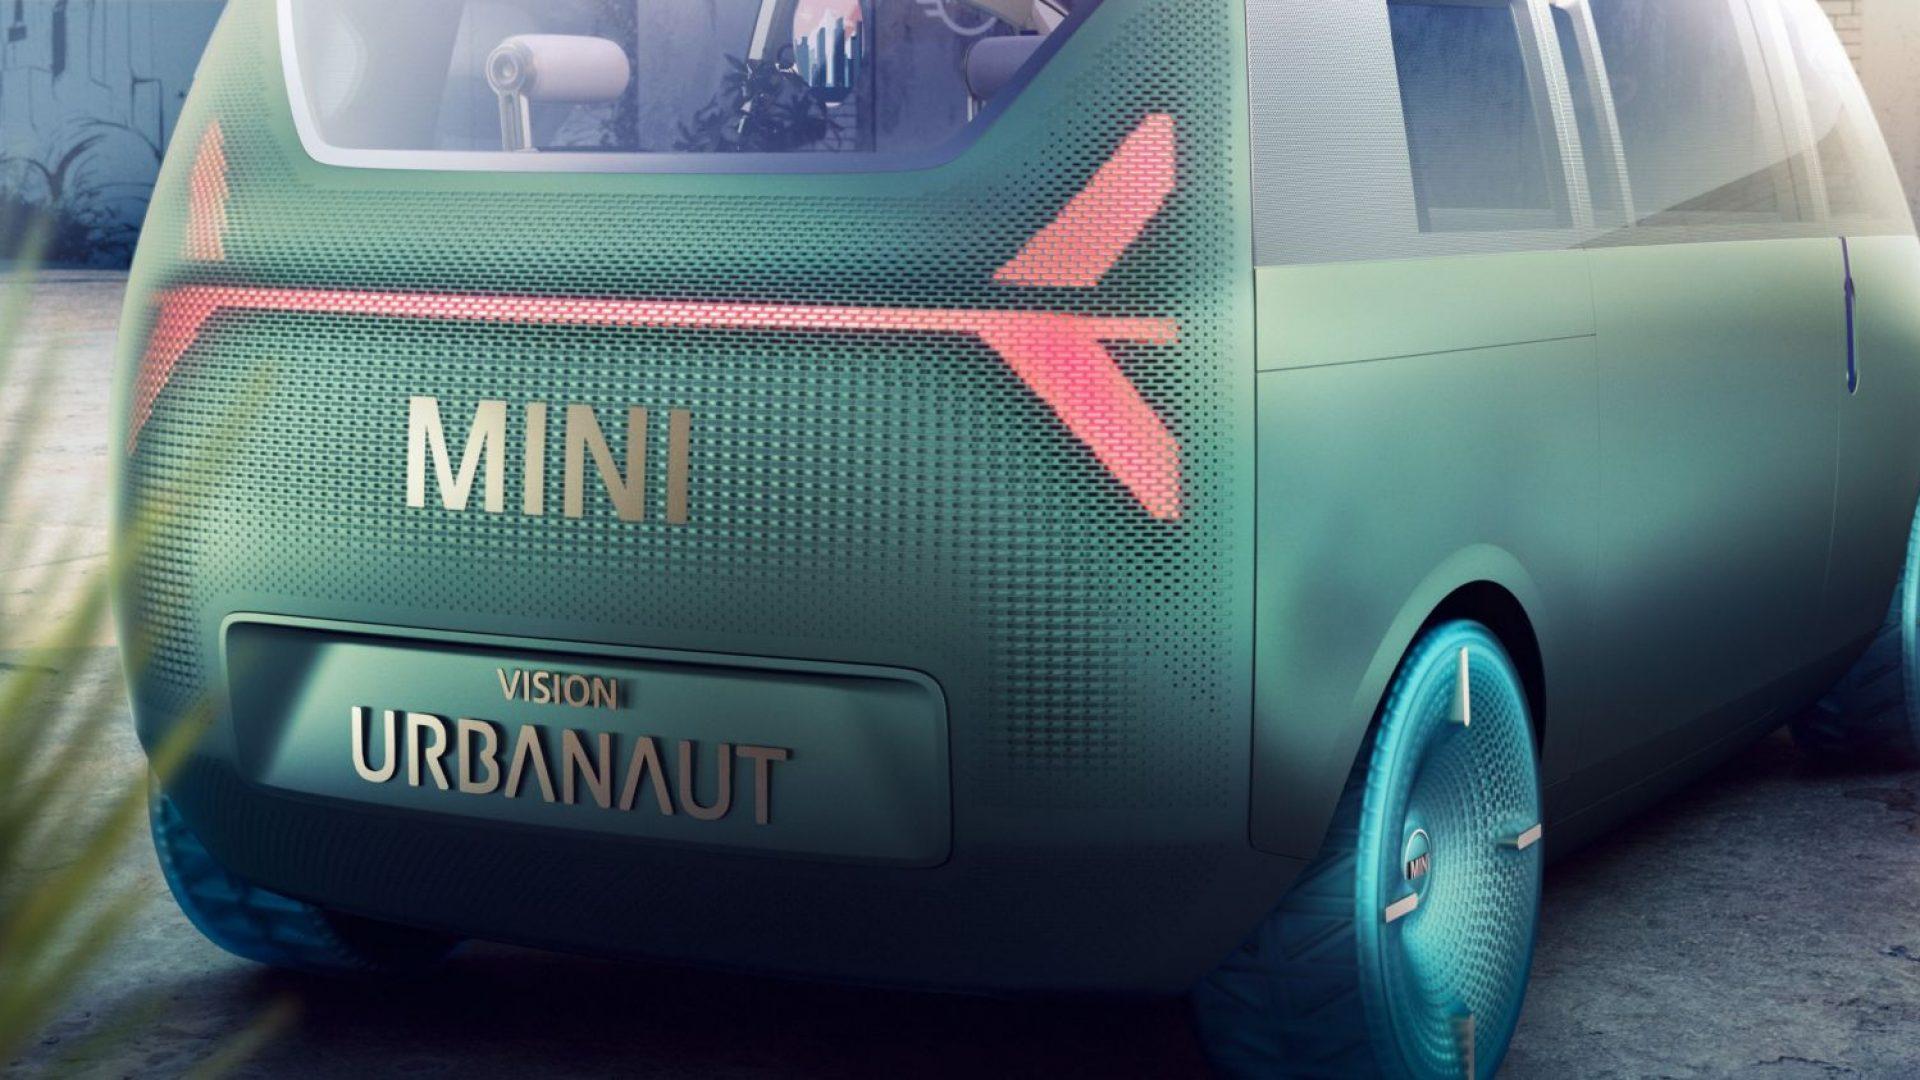 2020-Mini-Vision-Urbanaut-Concept-09